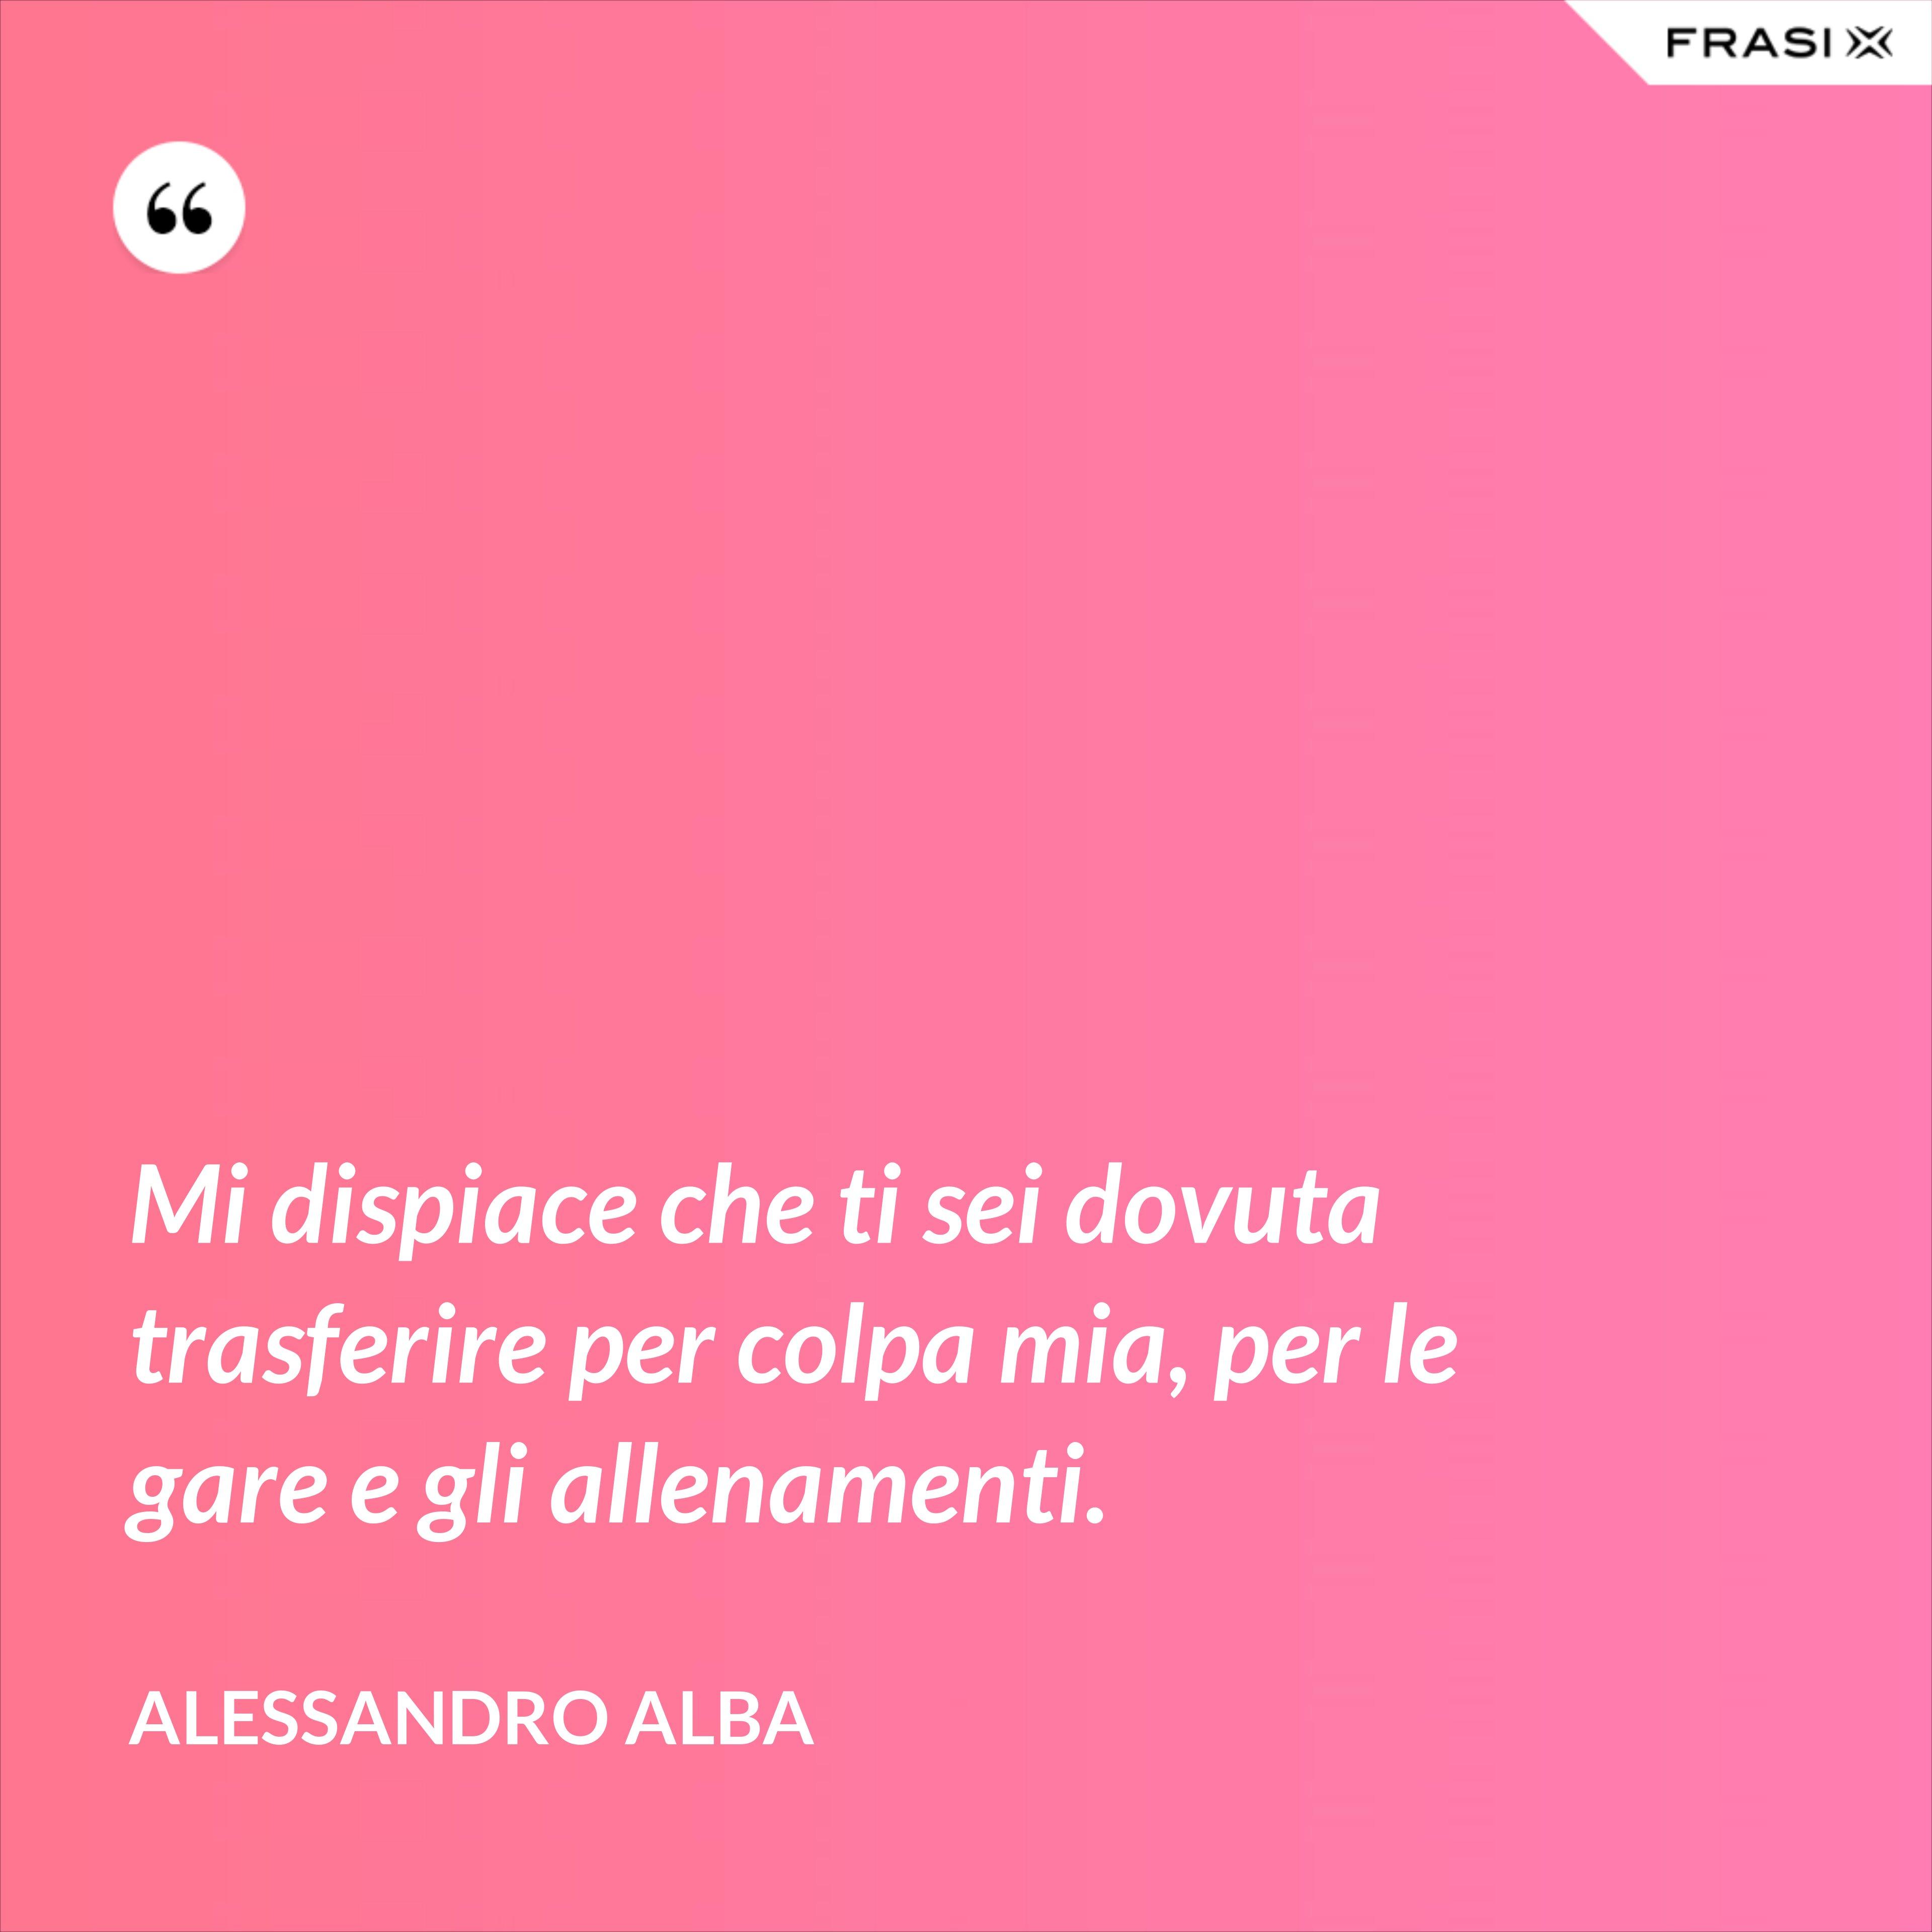 Mi dispiace che ti sei dovuta trasferire per colpa mia, per le gare e gli allenamenti. - Alessandro Alba